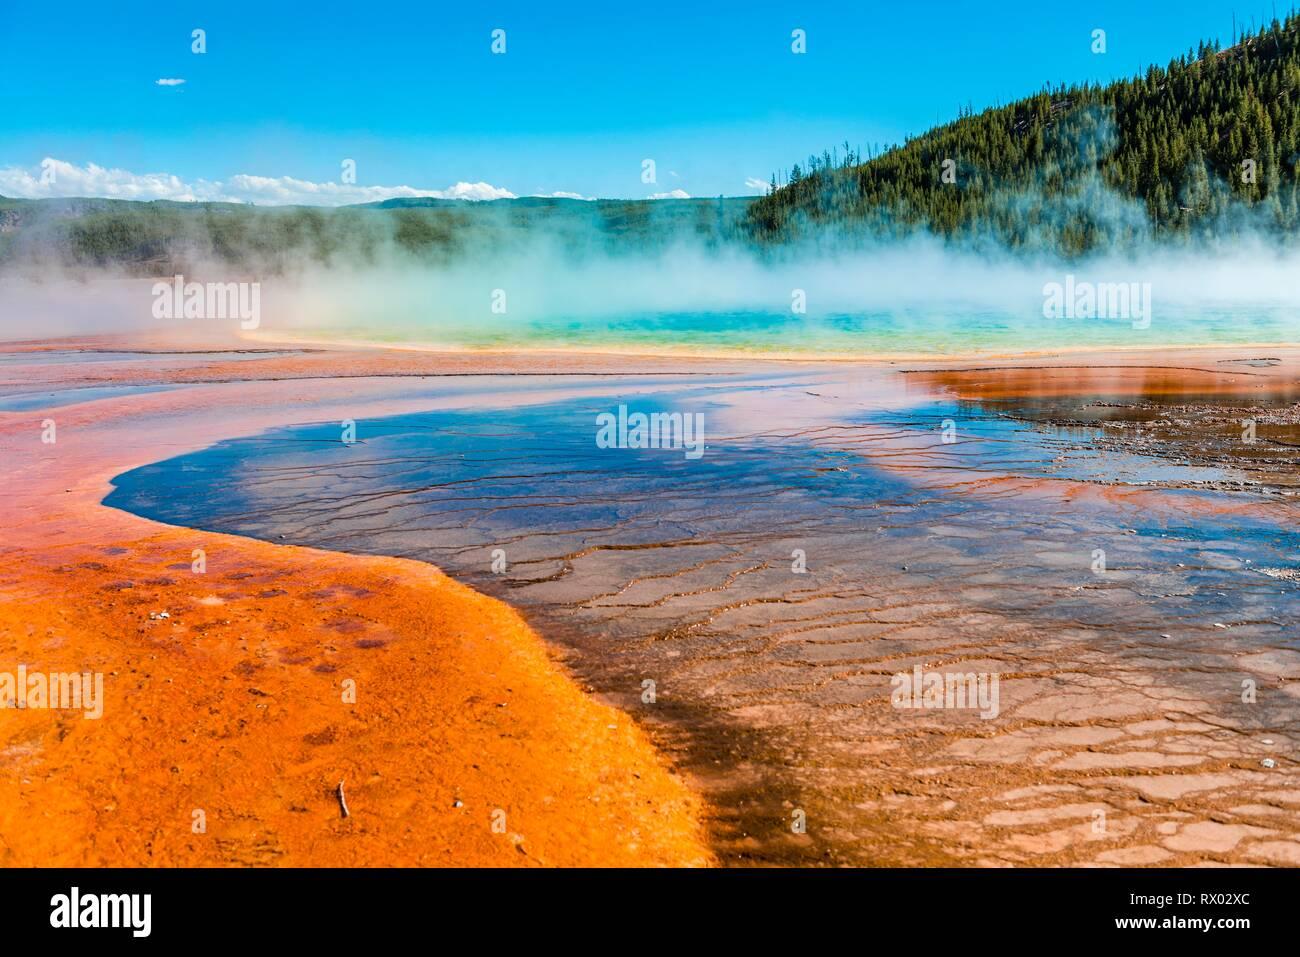 Les gisements minéraux de couleur au bord de la vapeur chaude du printemps, la vue de détail, Grand Prismatic Spring, Midway Geyser Basin Banque D'Images